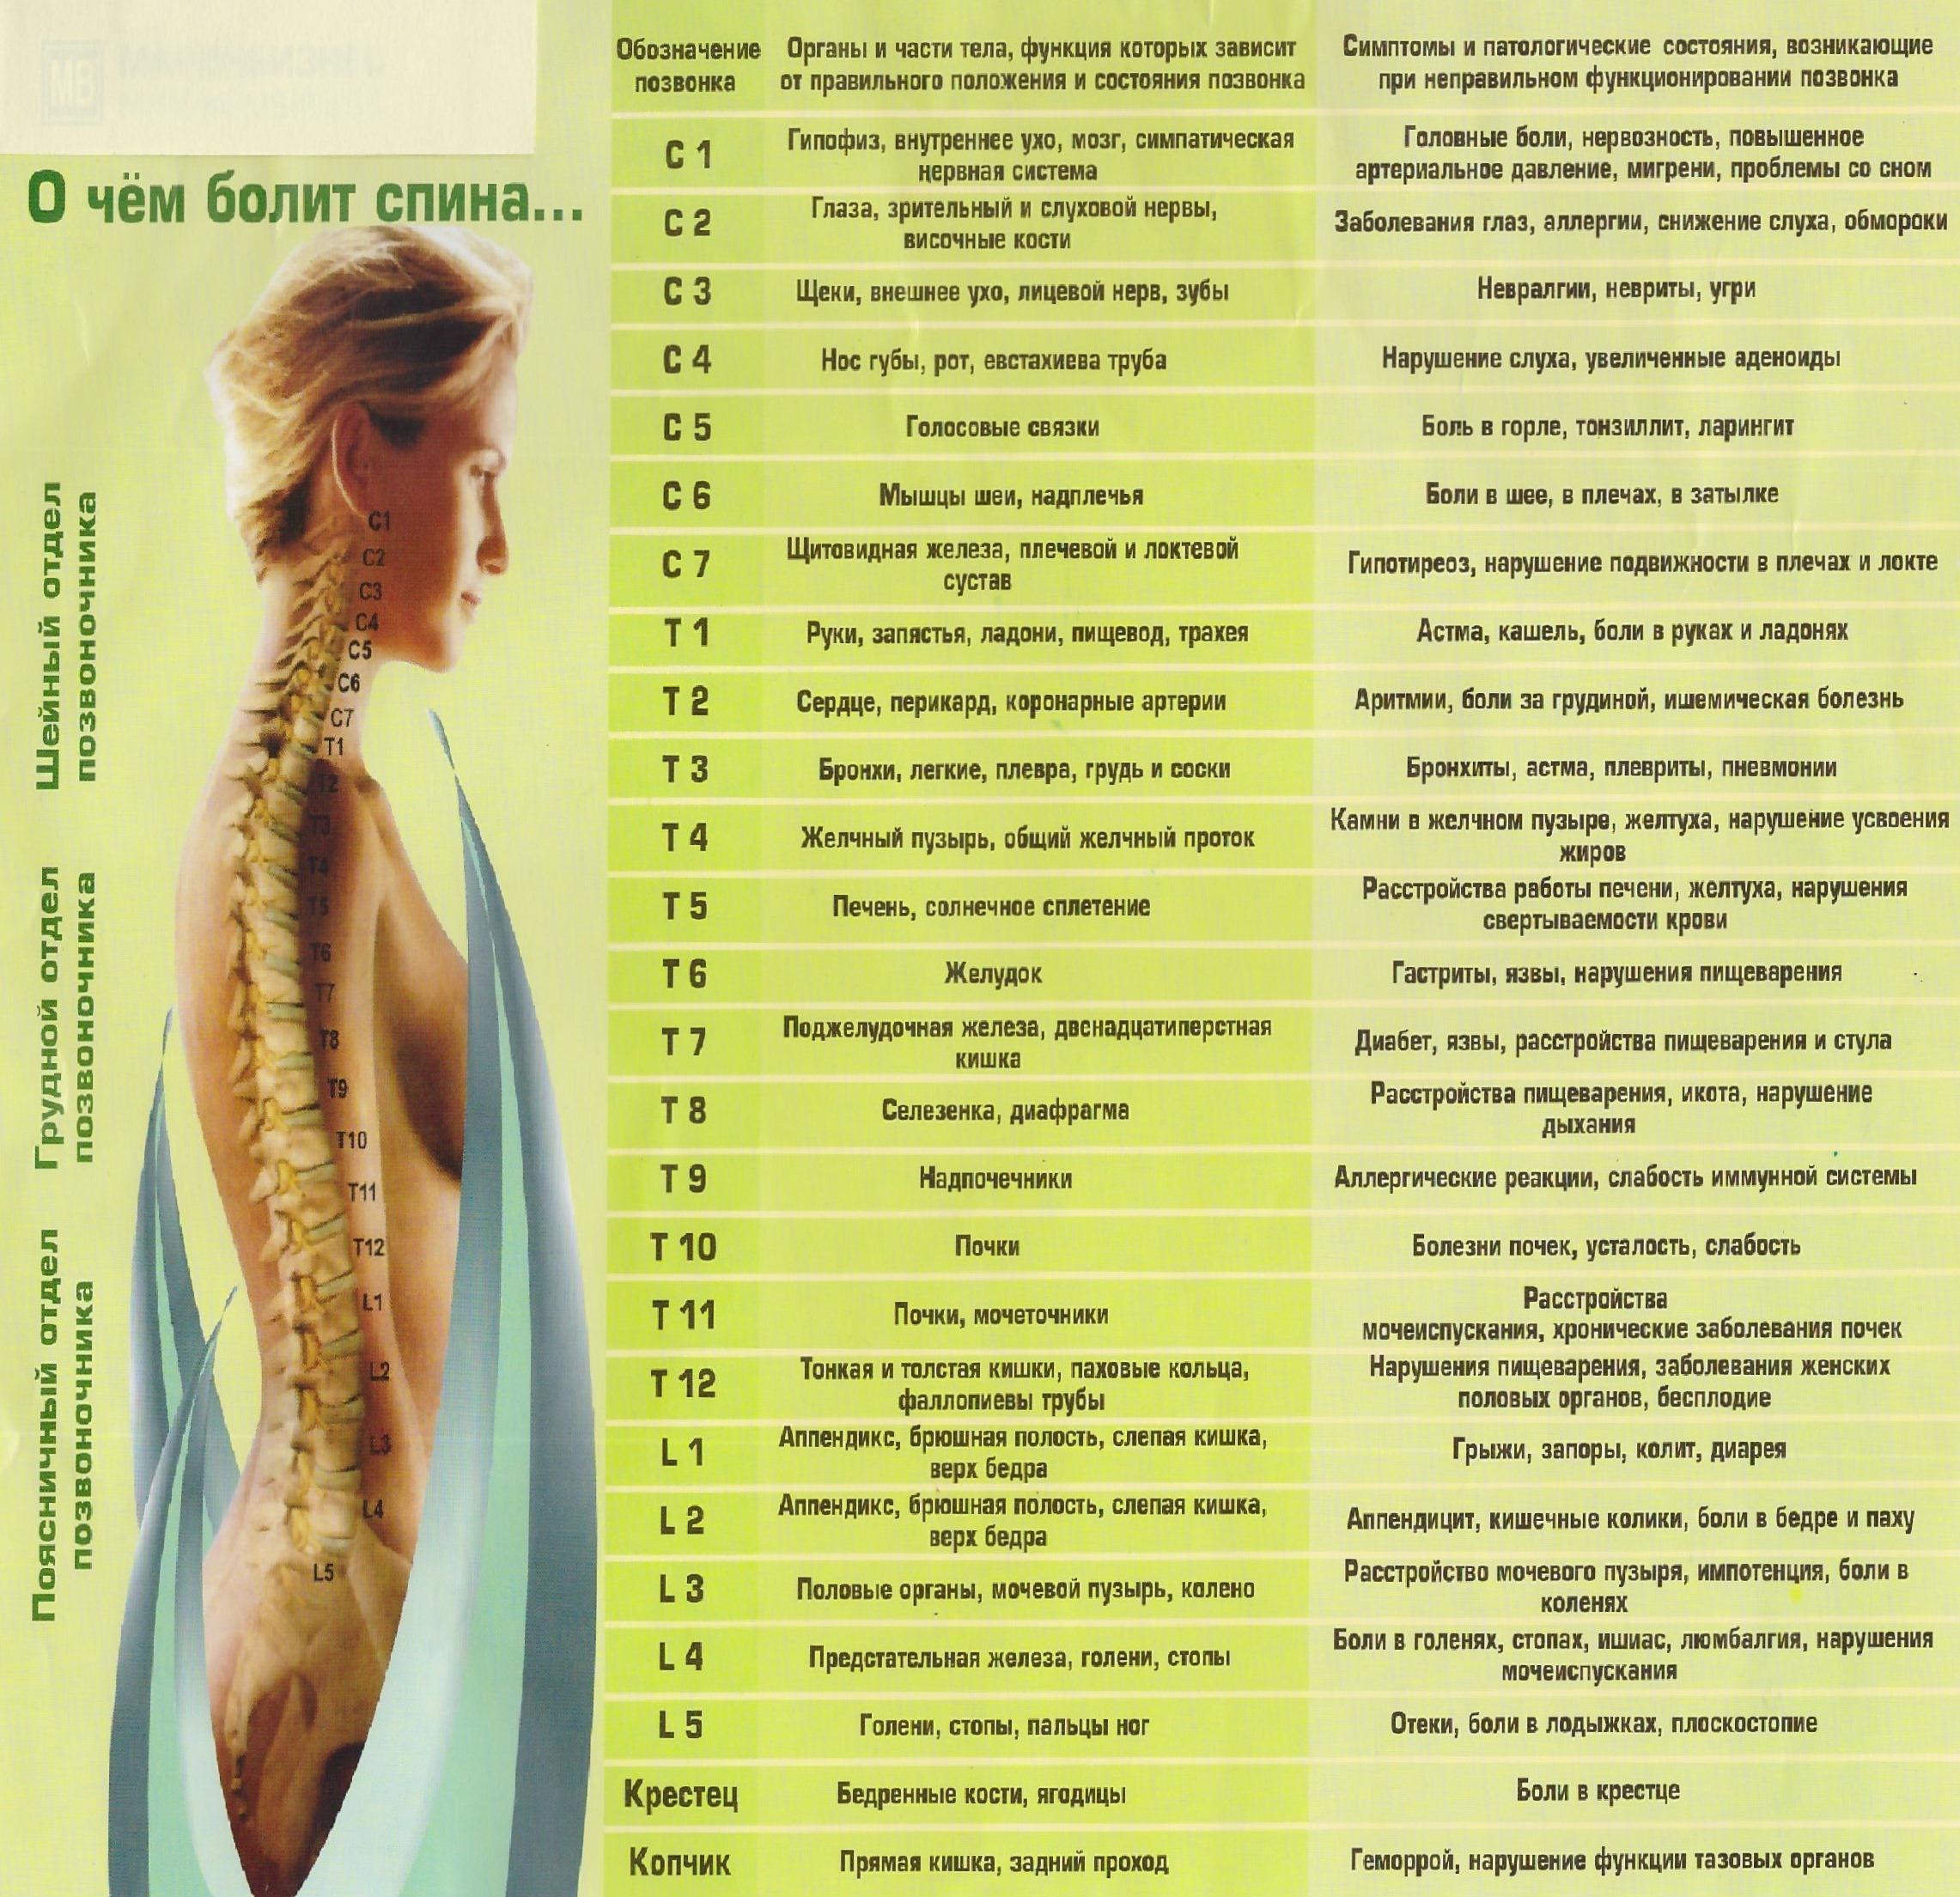 О чем болит спина